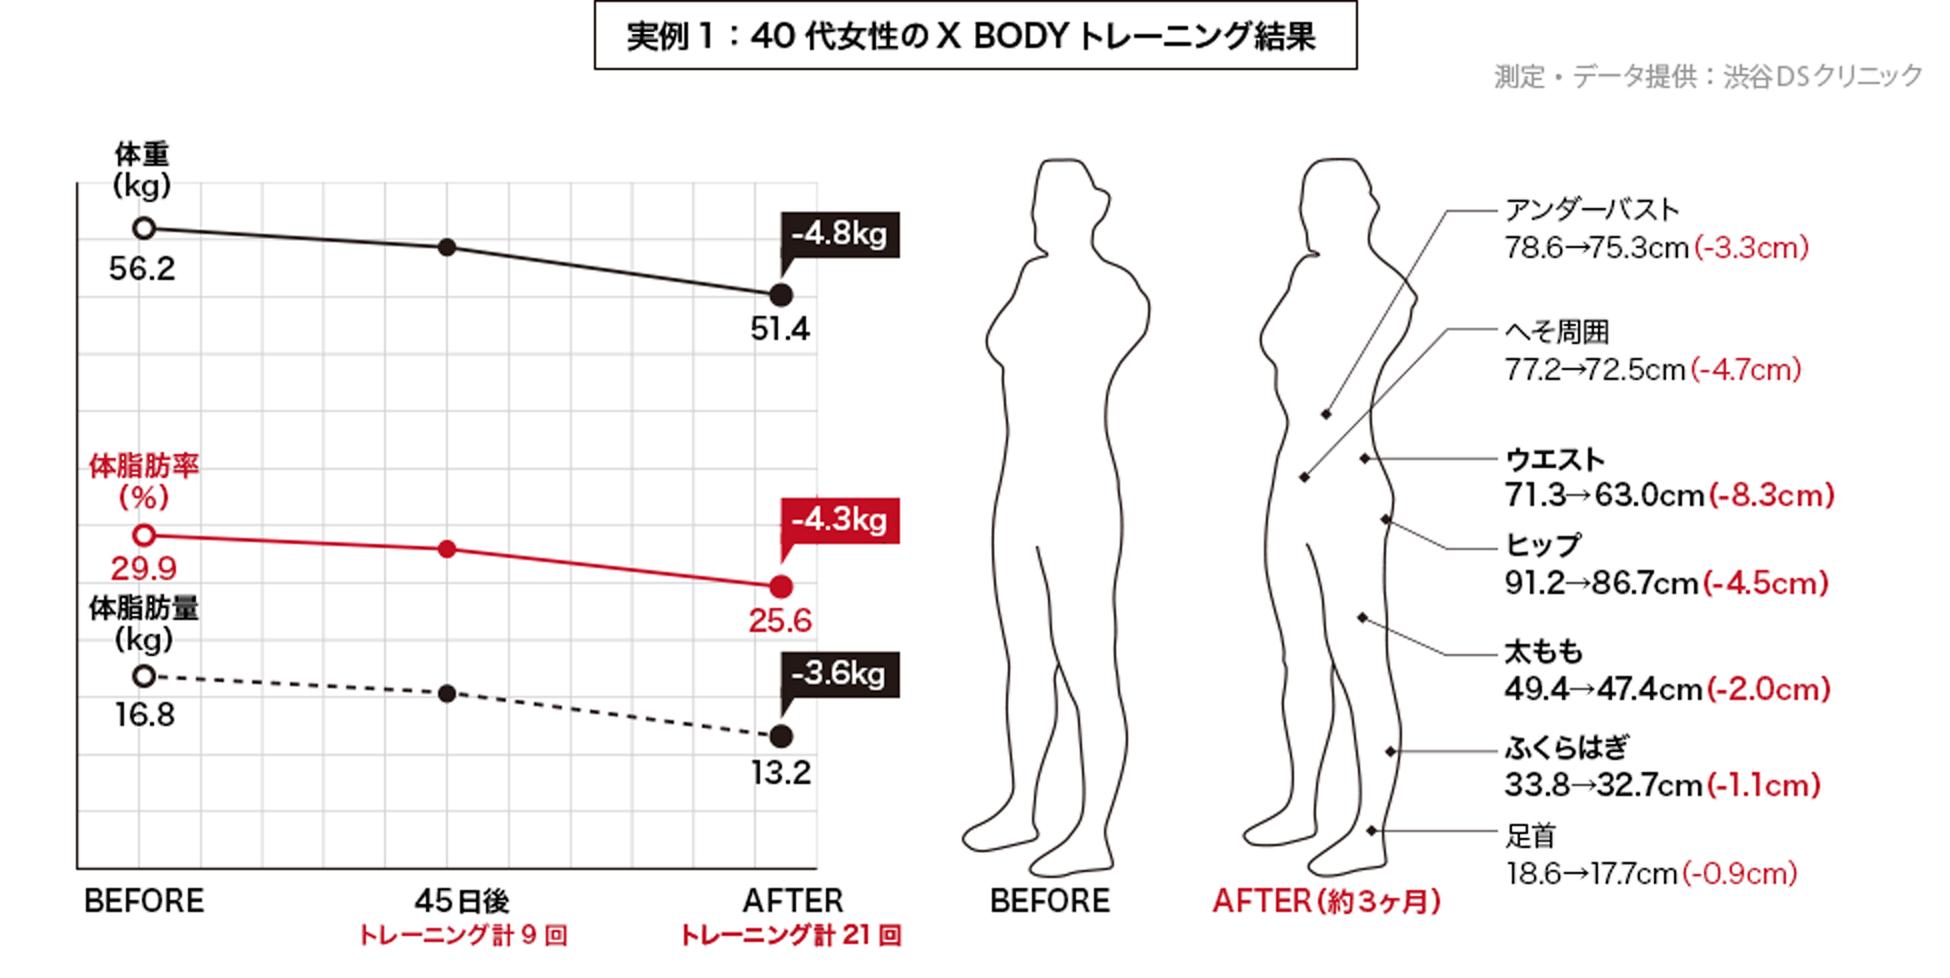 実例1:40代女性のX BODYトレーニング結果